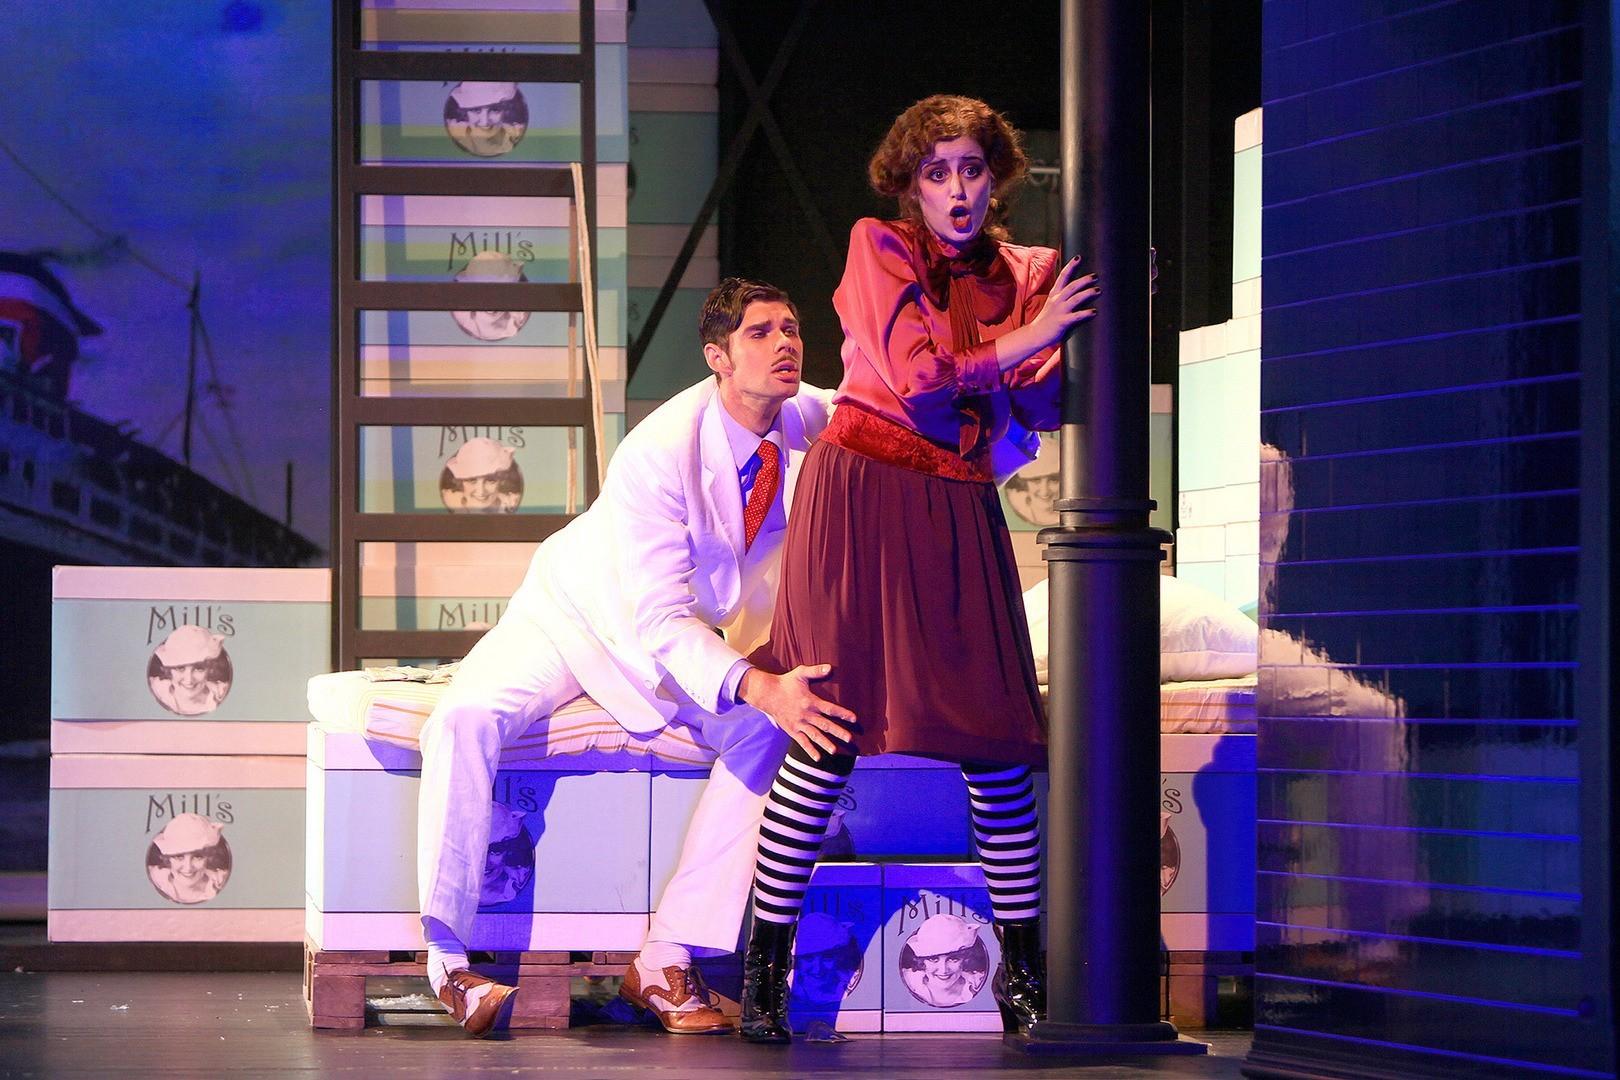 Cambiale-di-matrimonio-Opera-directed-by-Jacopo-Spirei-5